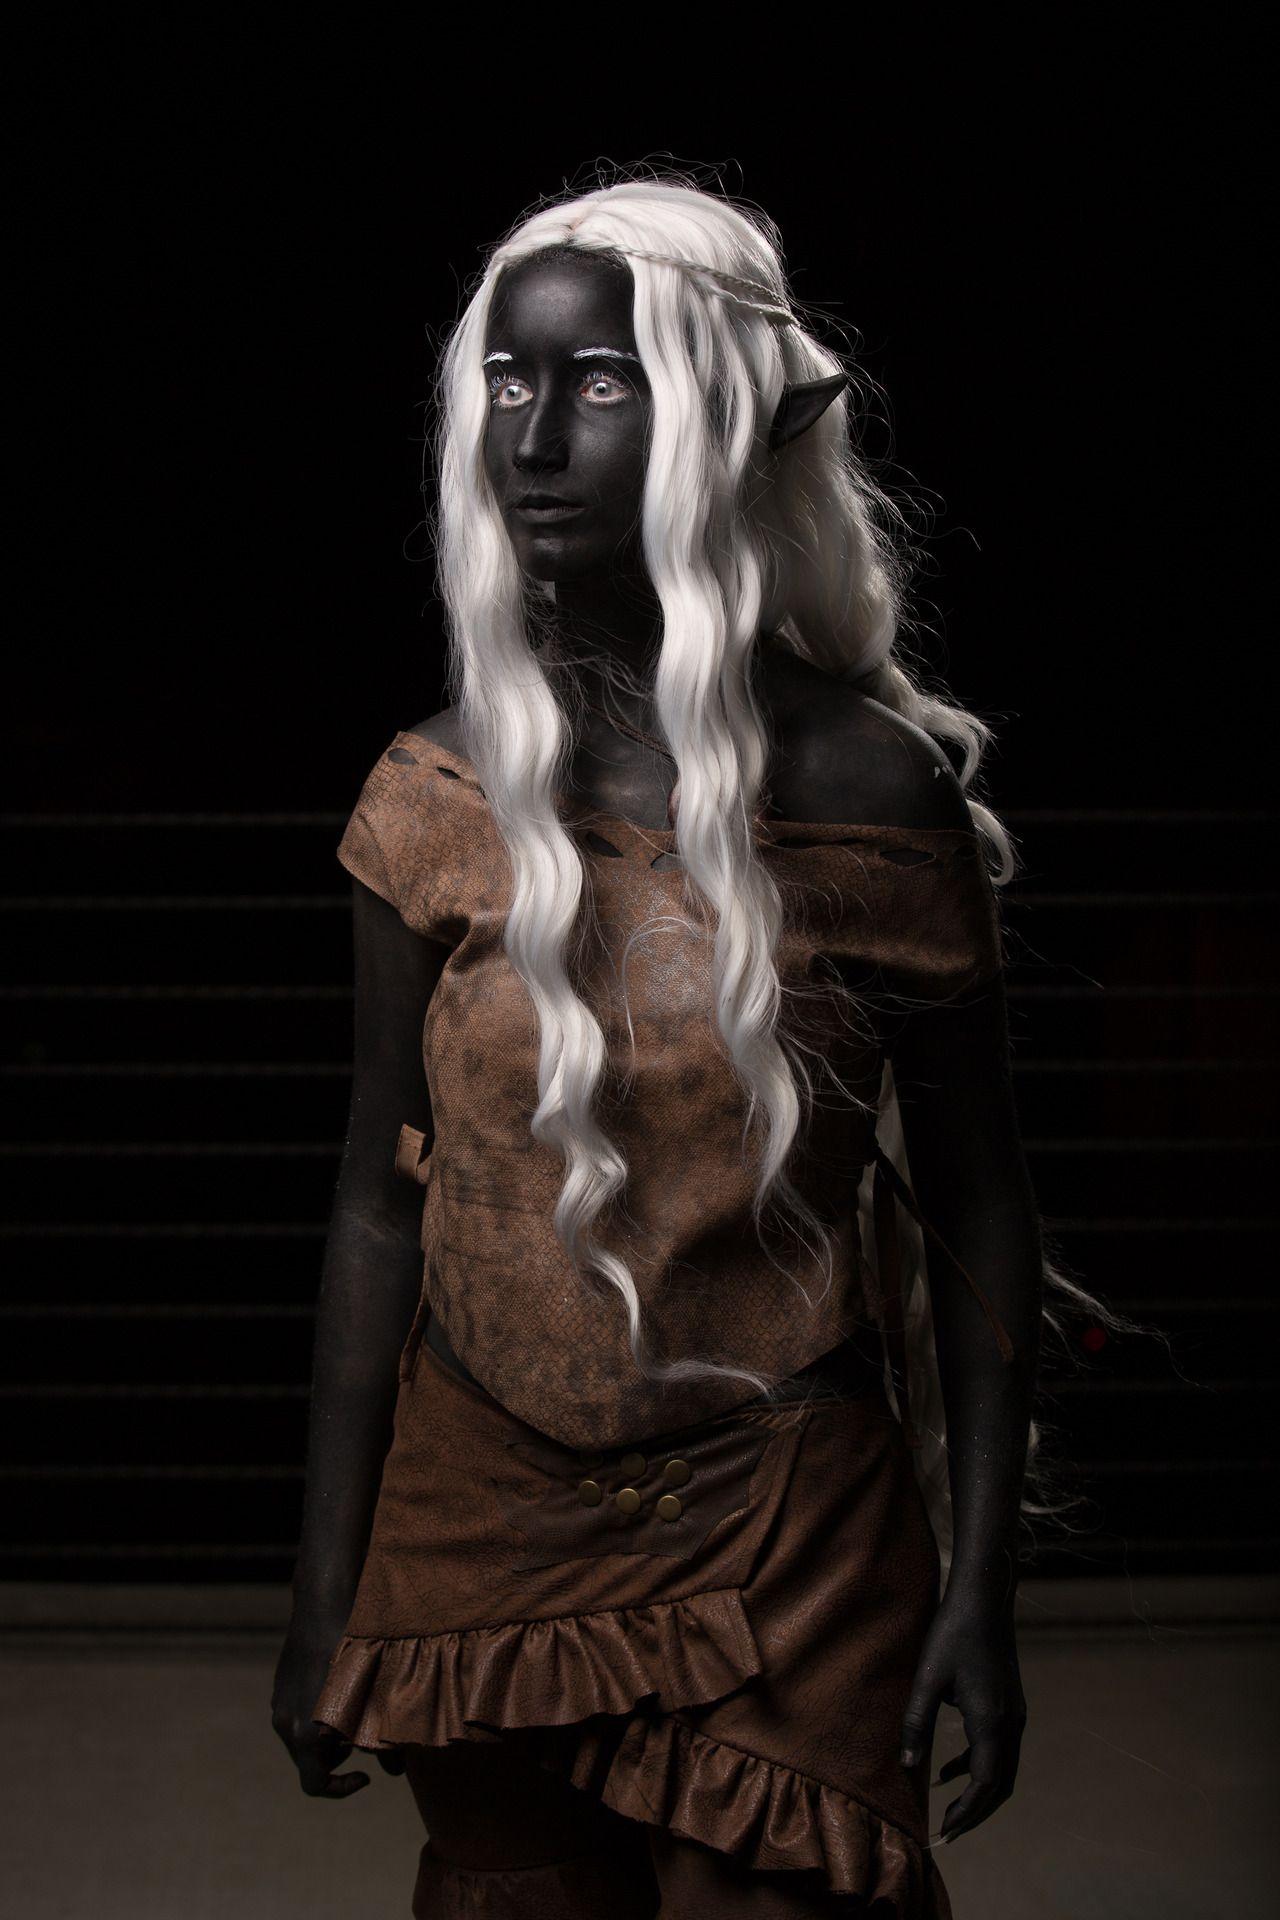 Dark Elf Purple To Black Skin Red White Or Black Eyes Pure White Hair Dark Elf Elf Cosplay Face Painting Halloween